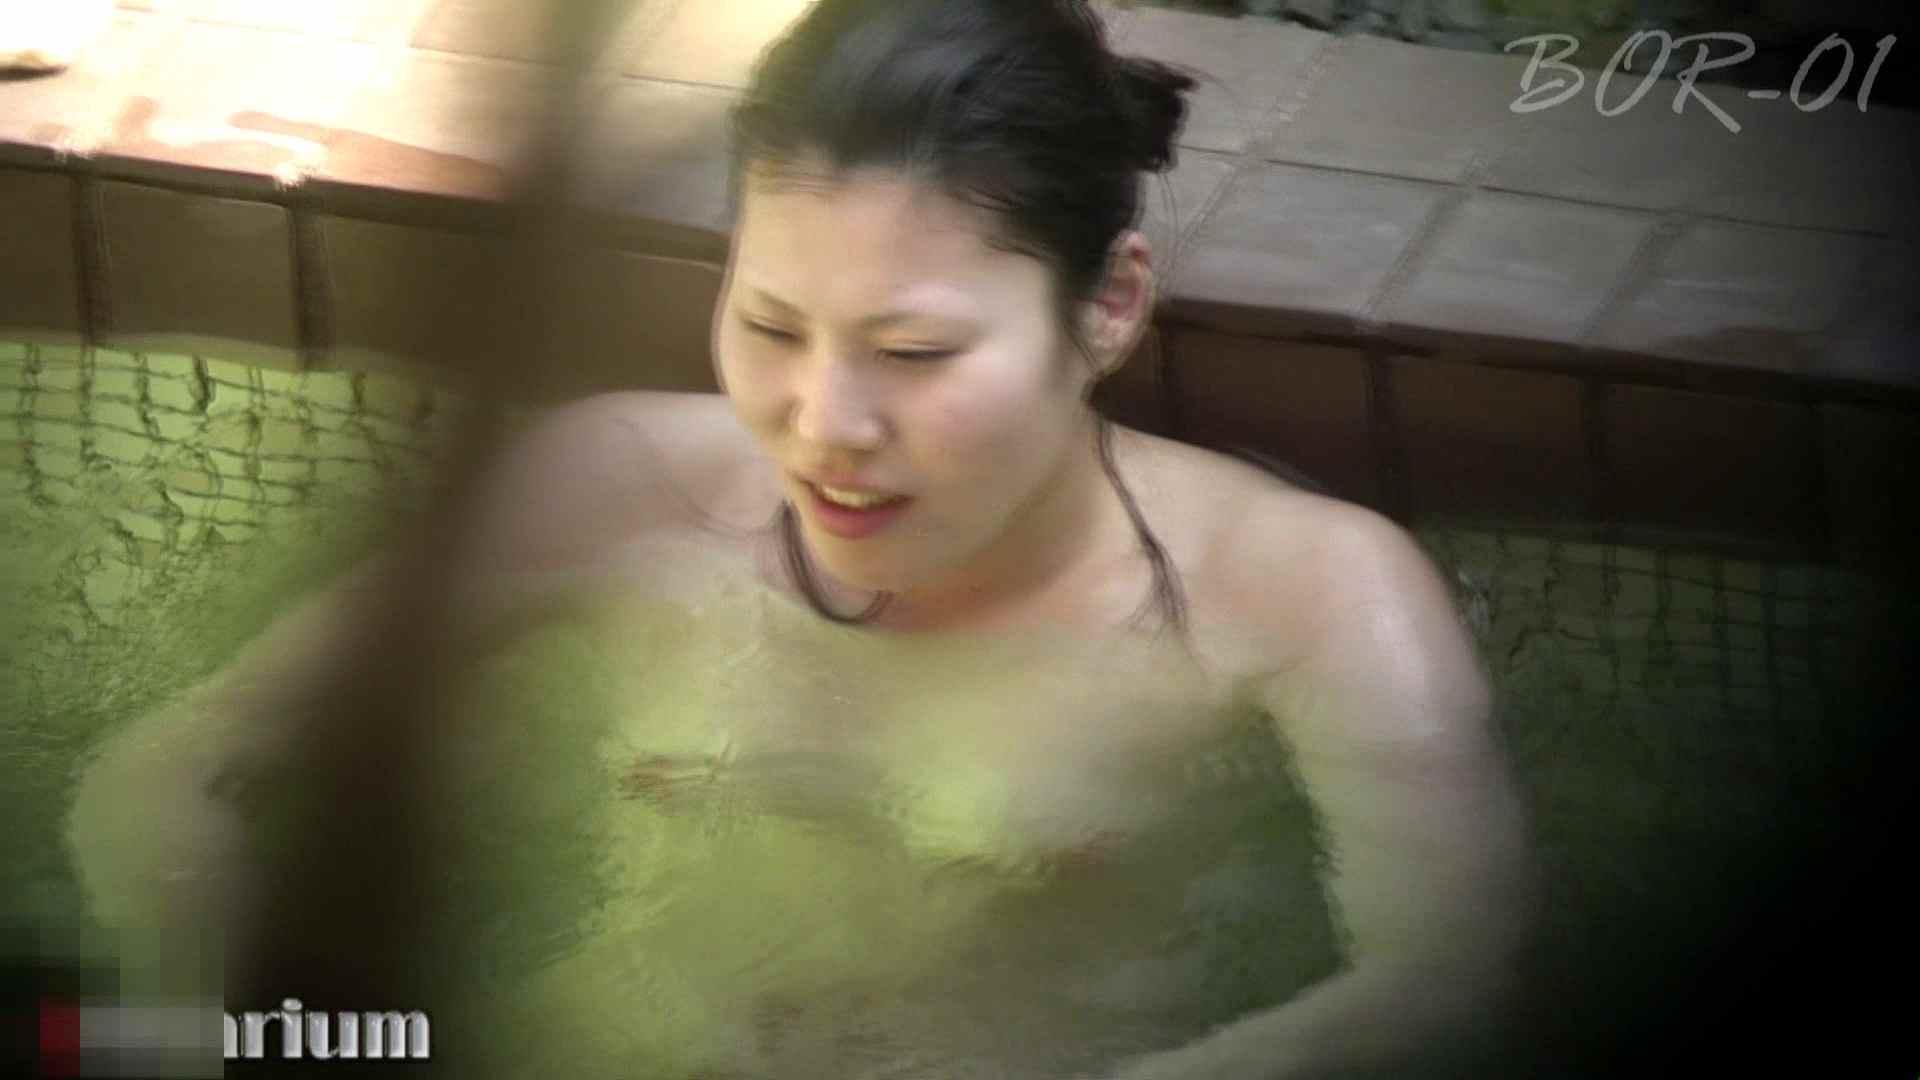 Aquaな露天風呂Vol.463 OLセックス 盗撮AV動画キャプチャ 69画像 2